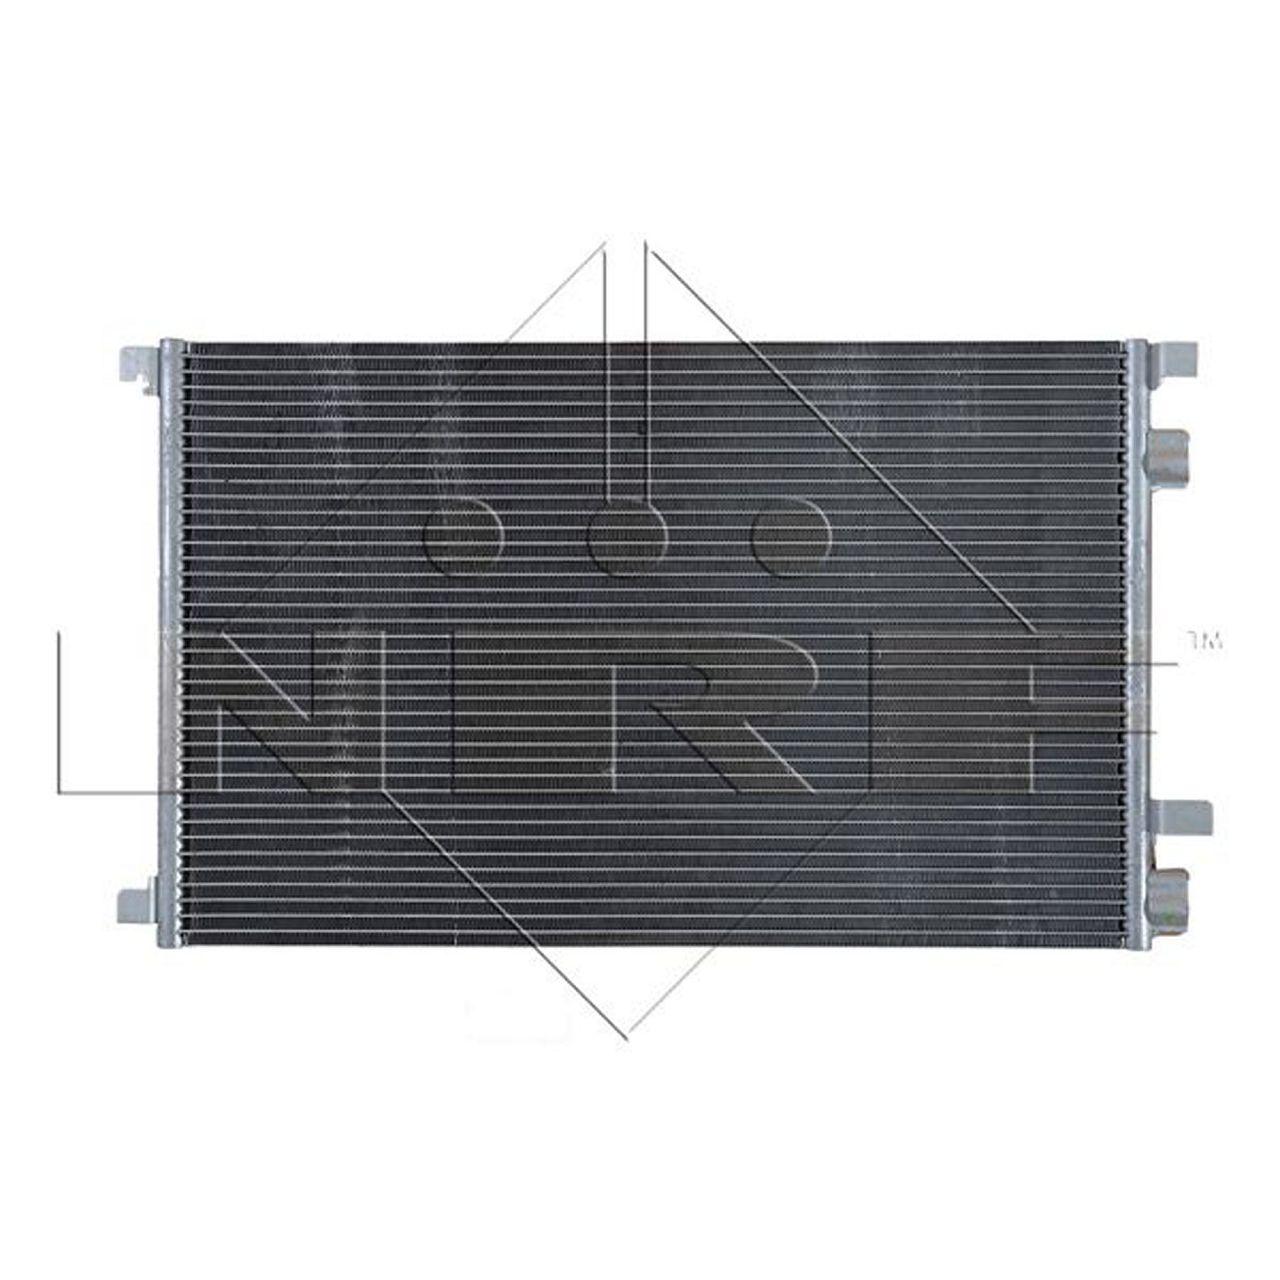 NRF 35449 EASY FIT Kondensator RENAULT Megane 2 Scenic 2 1.4-2.0 1.5d-1.9d 8200115543